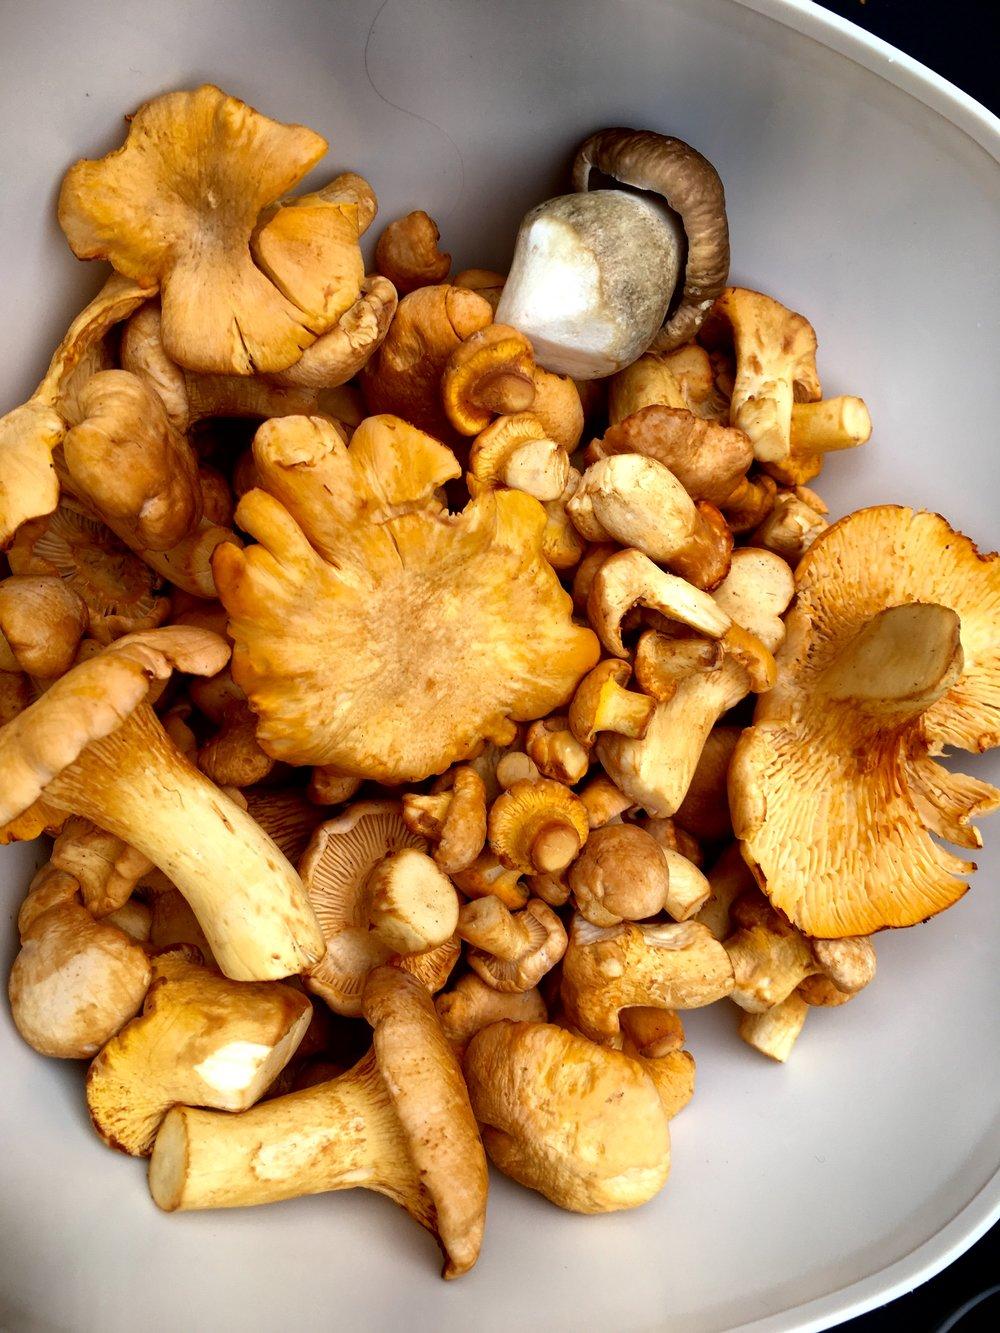 Det her er jo meningen med det hele. Friske svampe lige til at spise. Østershatte har jeg af gode grunde ikke endnu. De her kantareller plukkede jeg sidste år, og de var en af de gode ting ved den meget våde sommer.